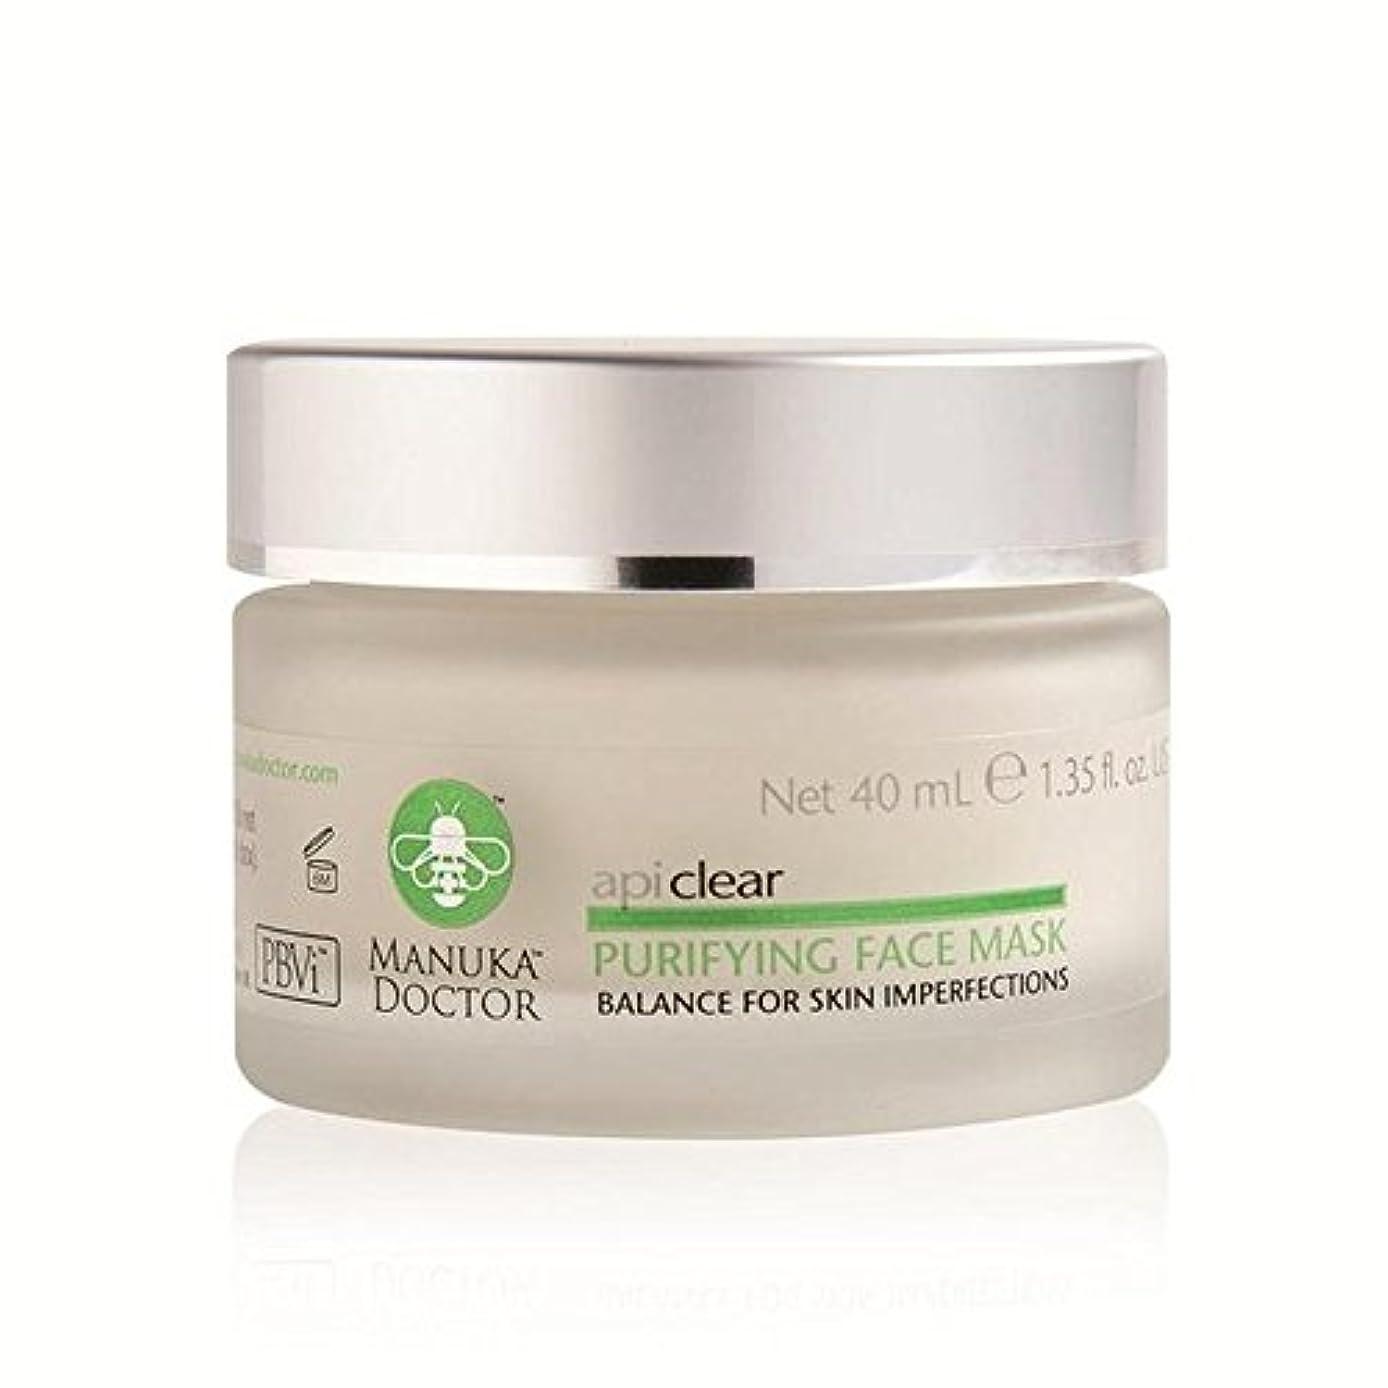 それぞれ不適のれんManuka Doctor Api Clear Purifying Face Mask 40ml (Pack of 6) - マヌカドクター明確な浄化フェイスマスク40ミリリットル x6 [並行輸入品]